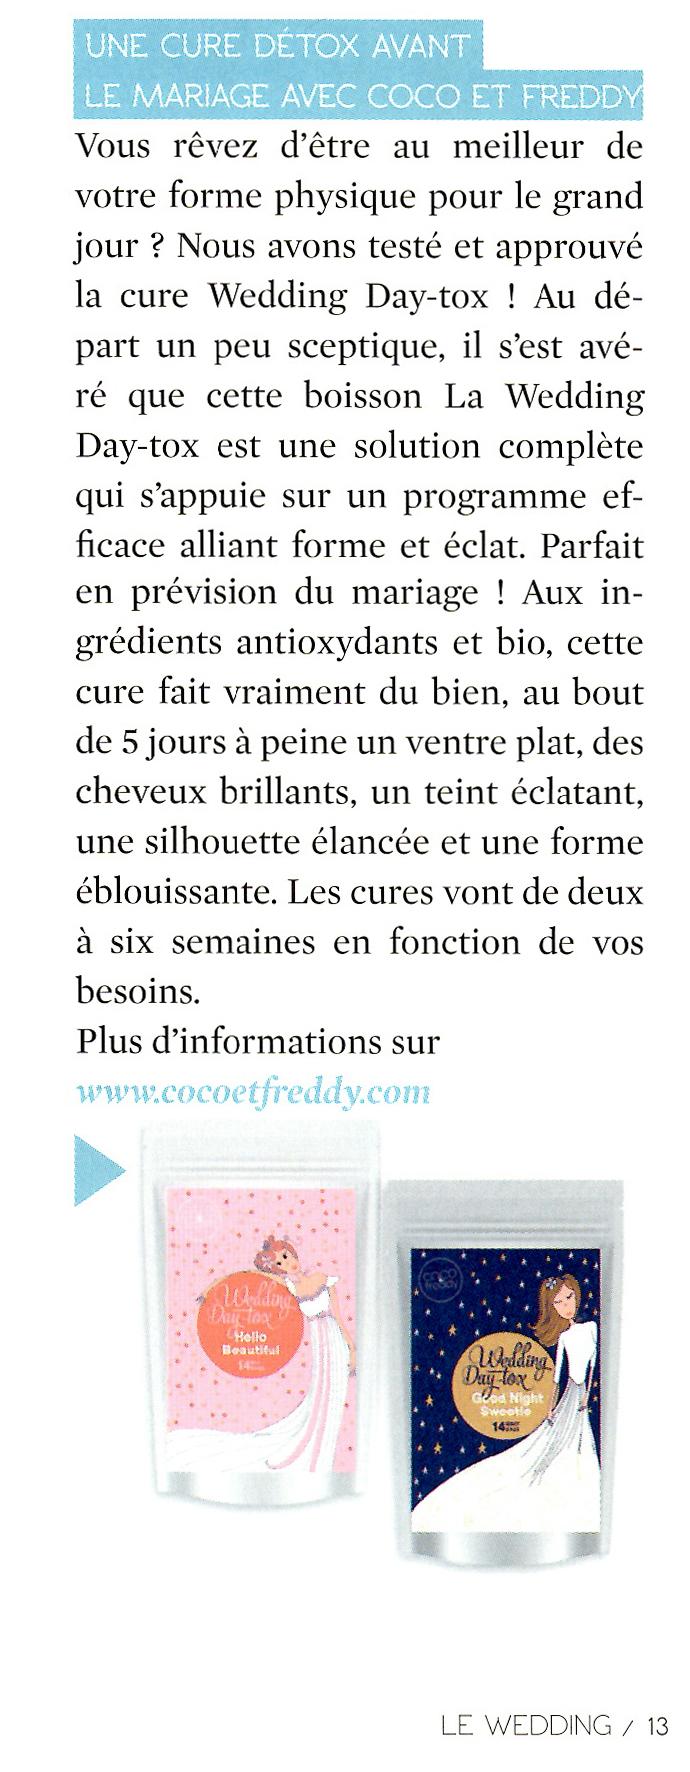 Article_LeWeddingMagazine.jpg